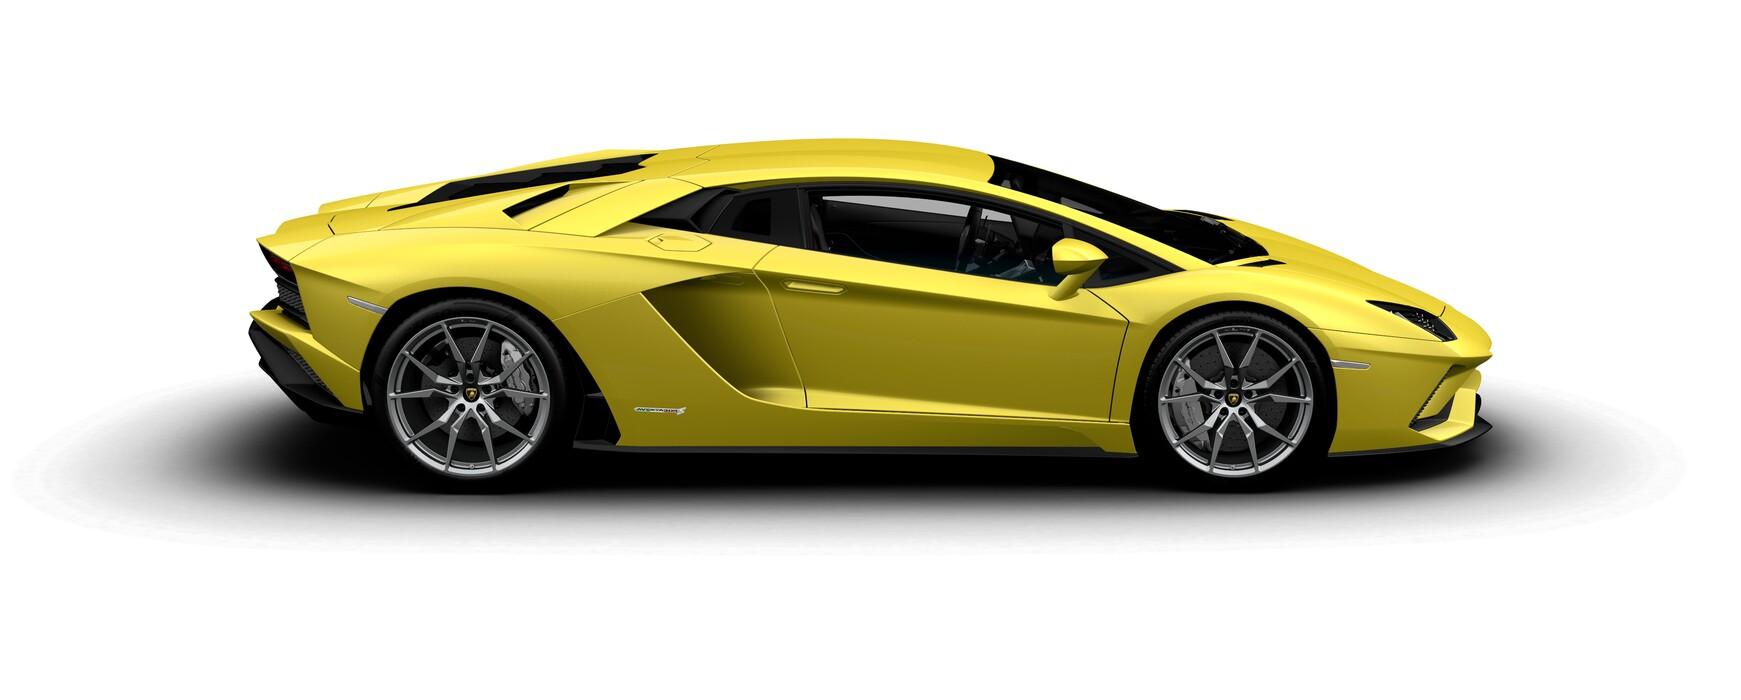 Lamborghini Aventador S Coupe pearl Giallo Tenerife side view